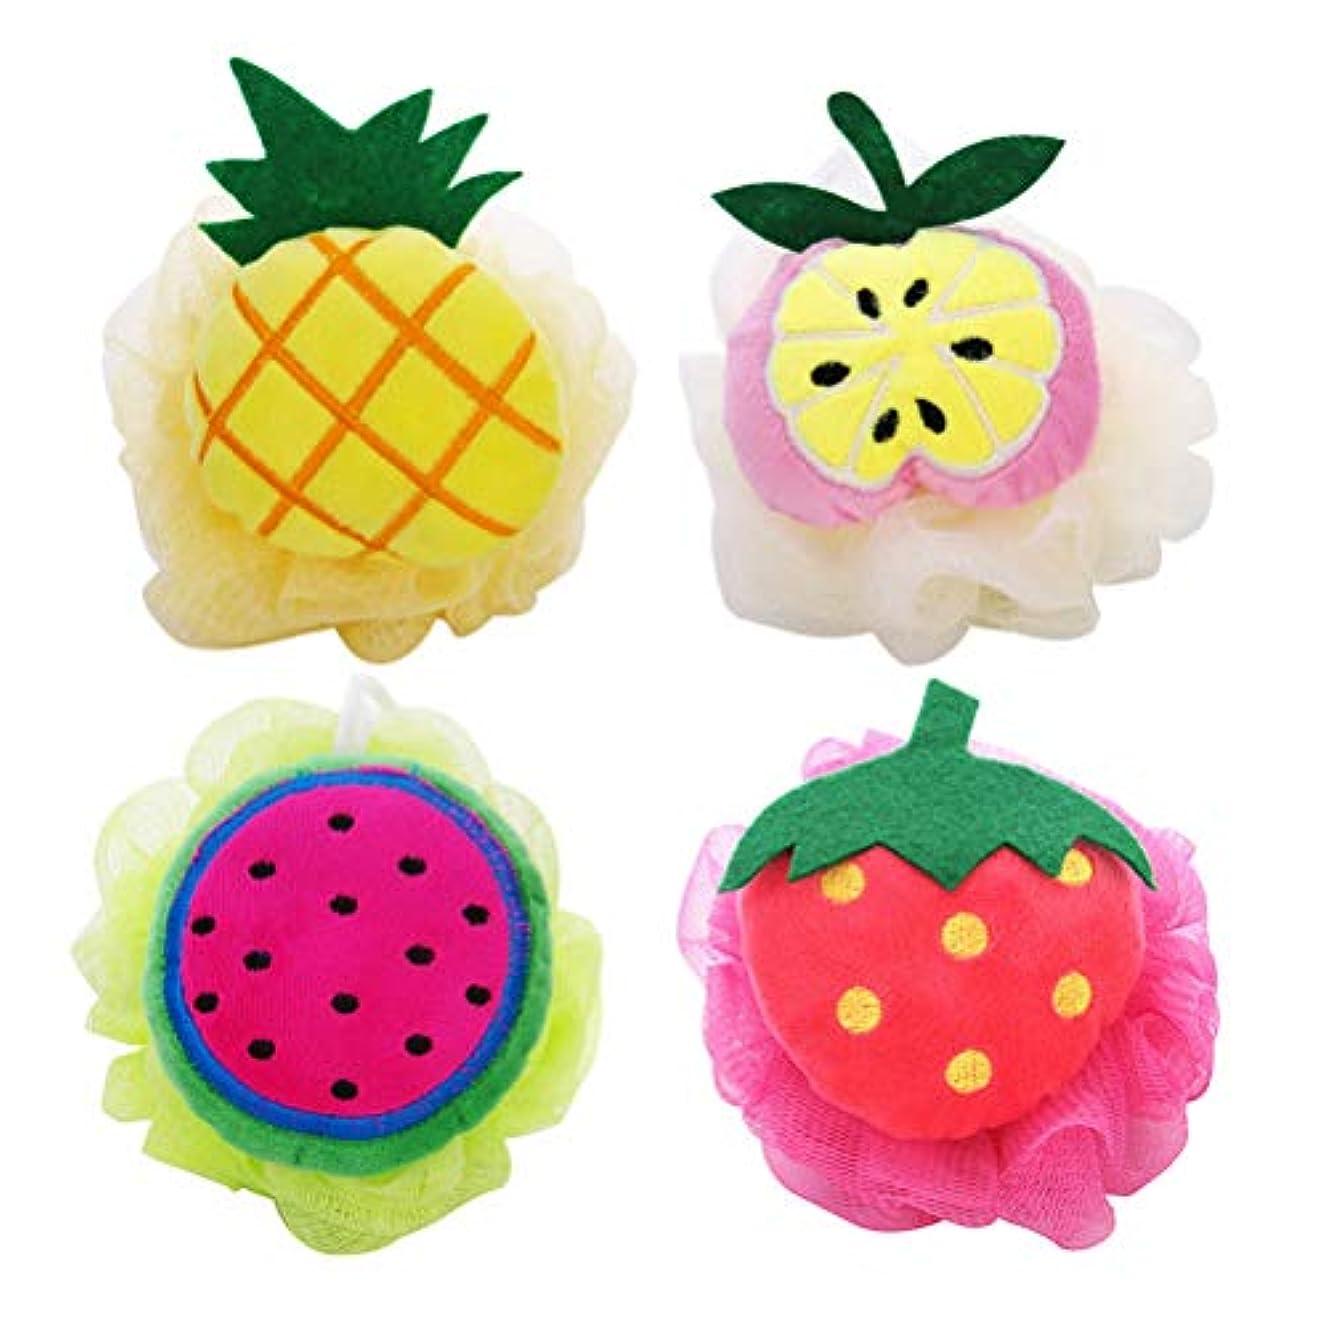 乗り出す伸ばす起業家Healifty 4本 シャワーボール フルーツ ソフトバスボールメッシュスポン 可愛い 子供用(パイナップル スイカ アップル イチゴ)